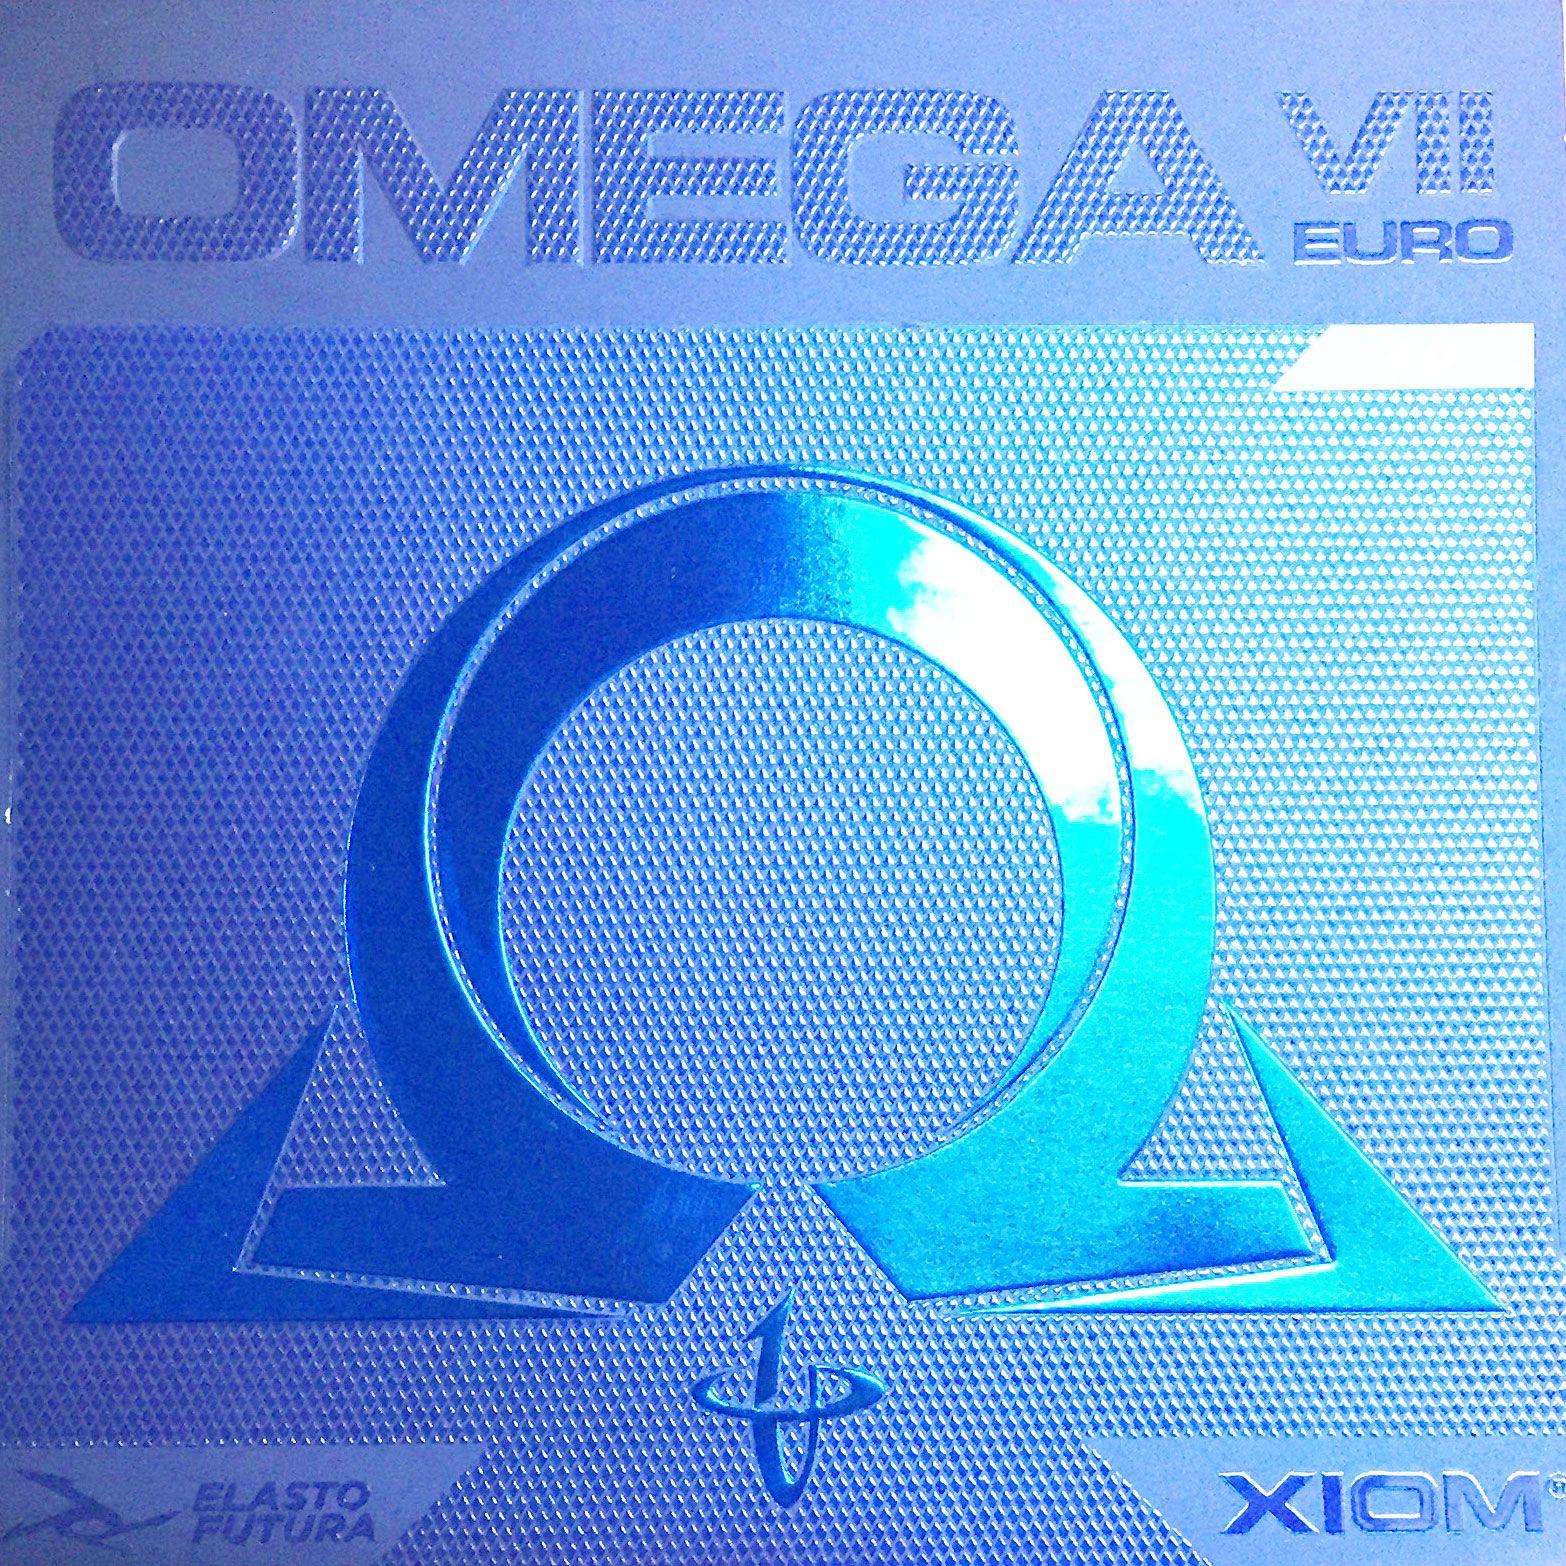 OMEGA-V7-EURO-(オメガV7ヨーロ)79-057(品番095884)_01